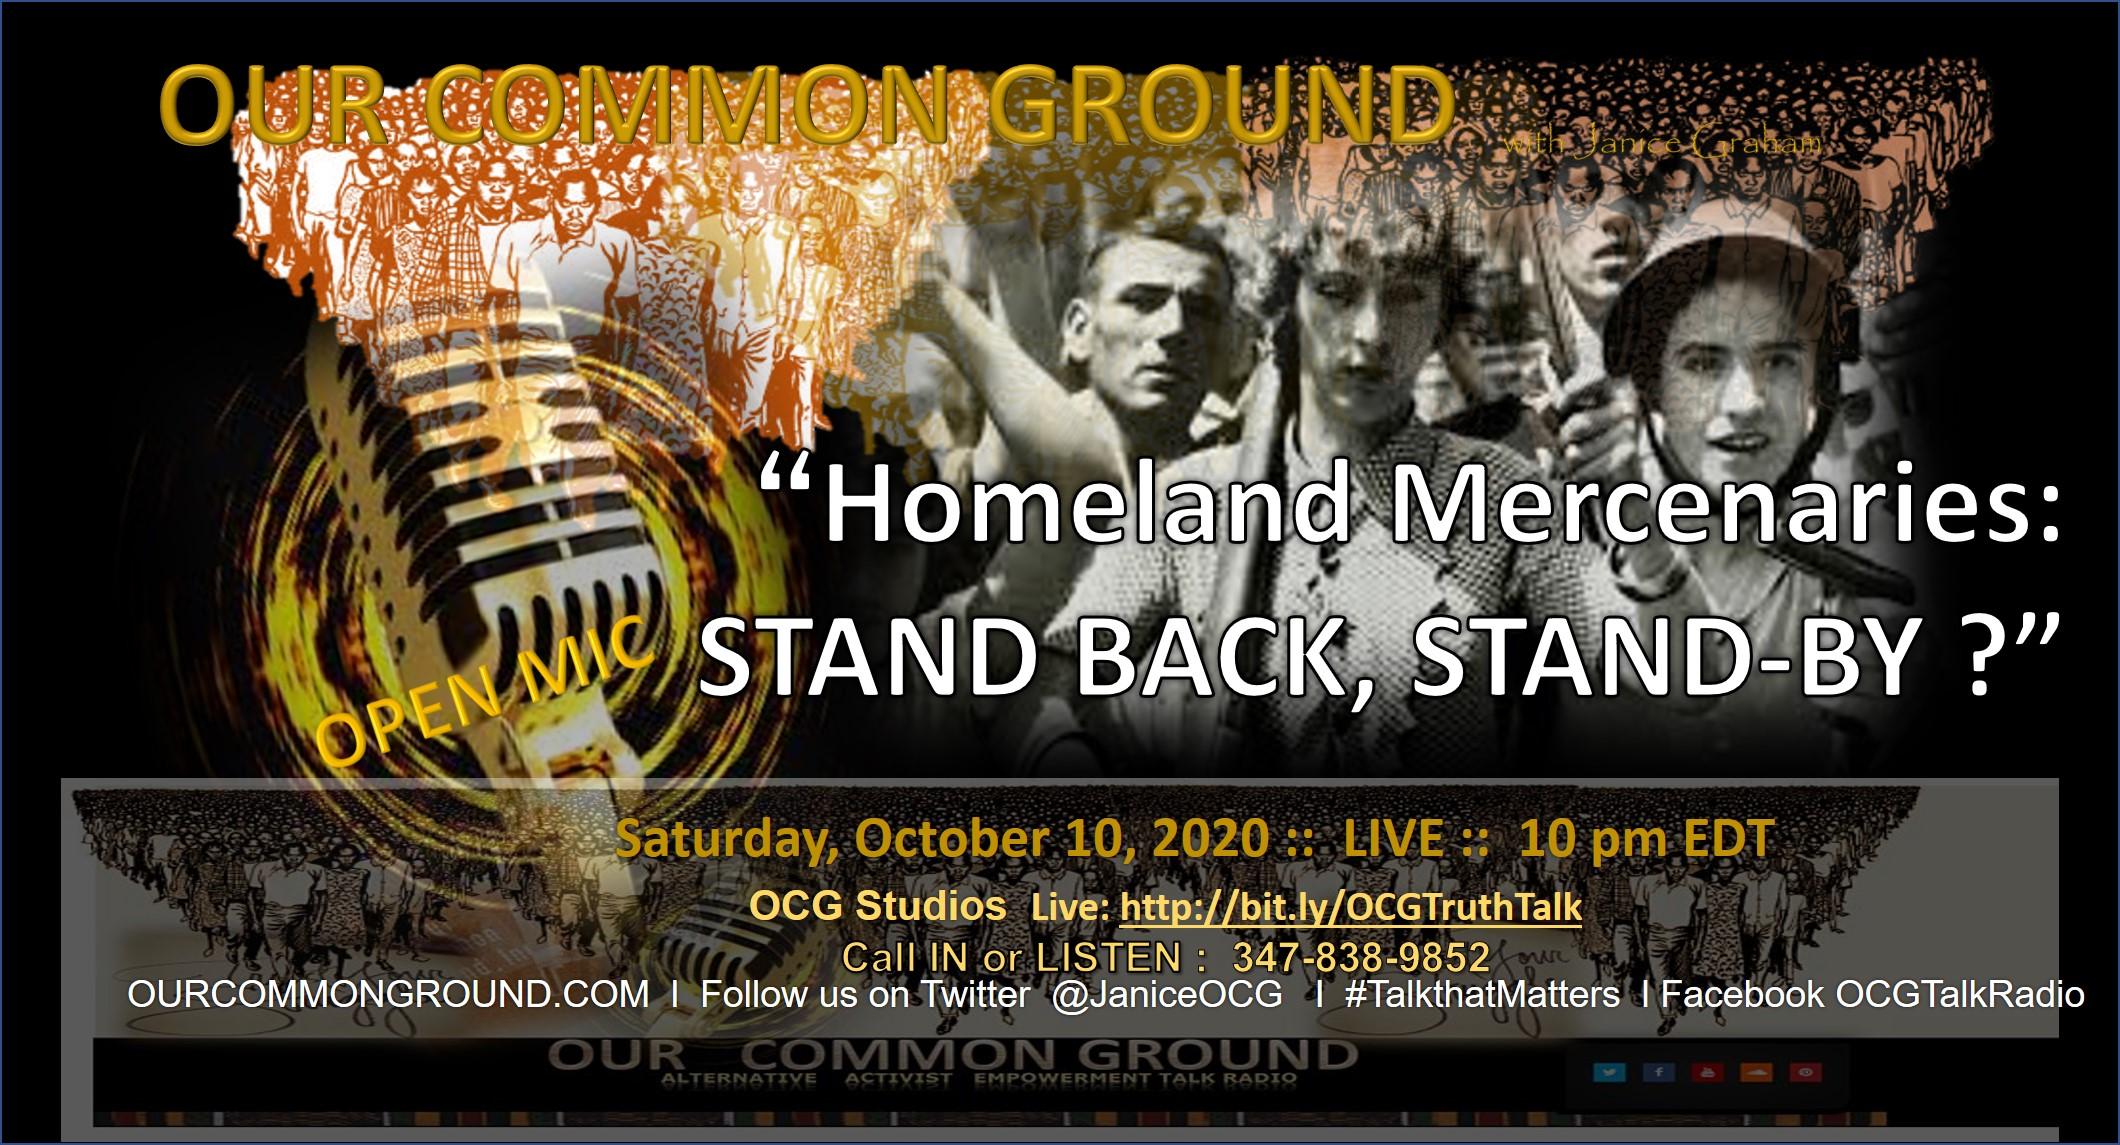 Mercenaries banner 10-10-20